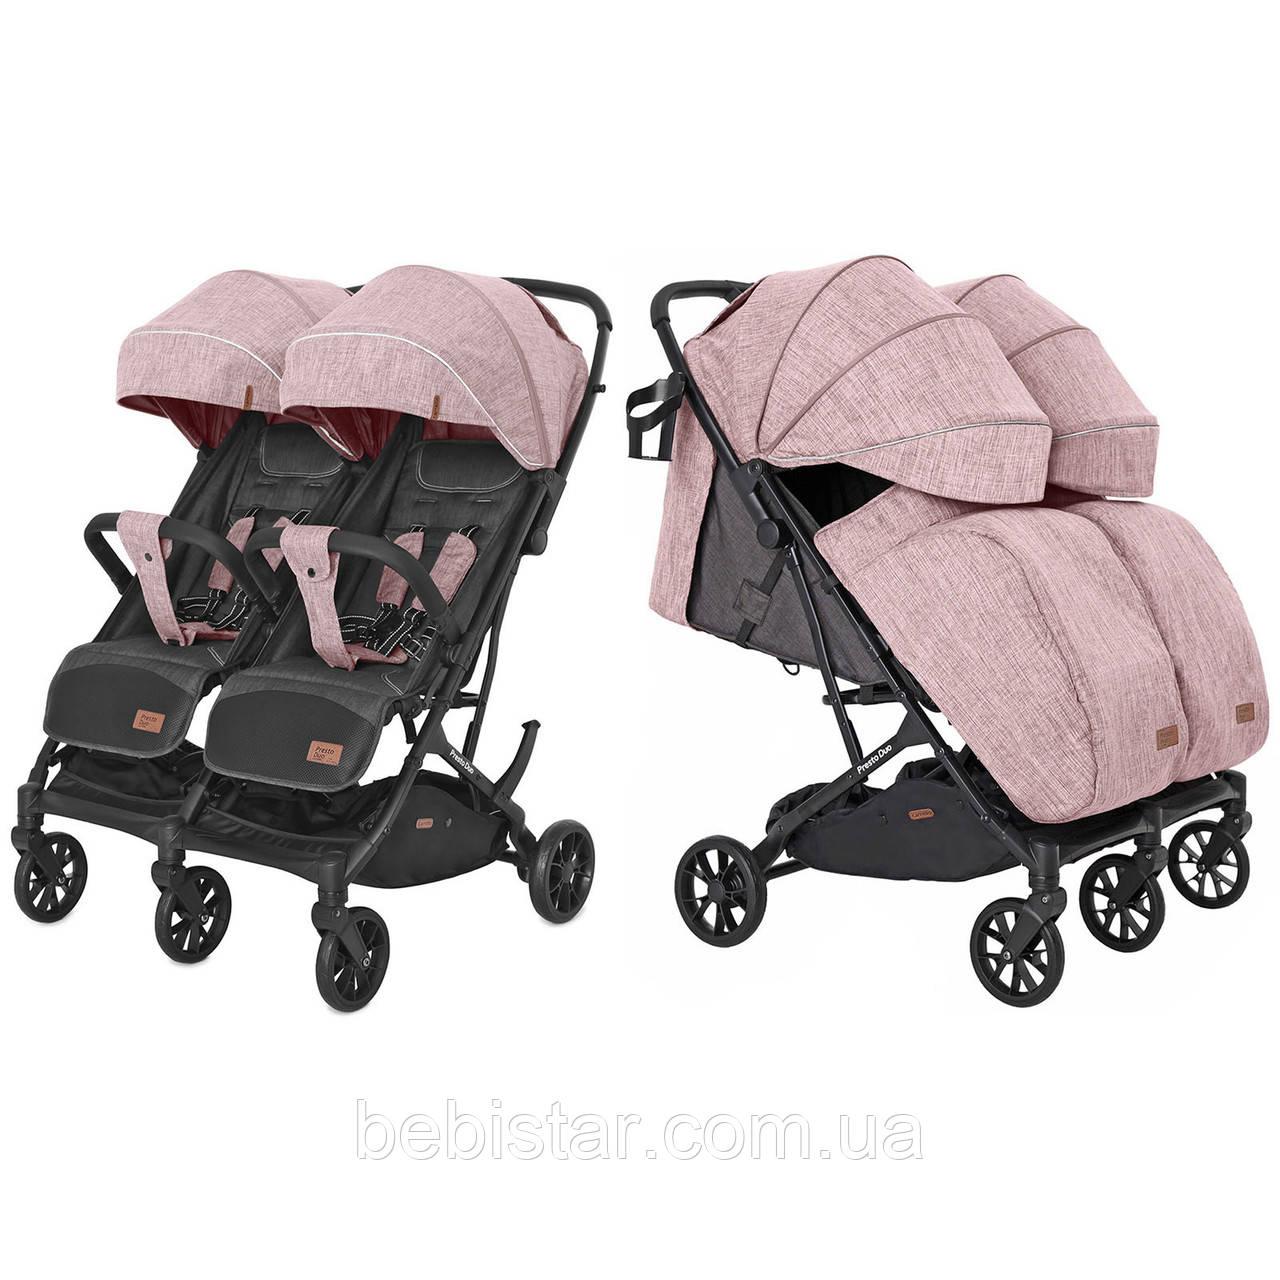 Коляска прогулочная для двойни розовая с дождевиком Carrello Presto Duo от 6 мес до 4 лет